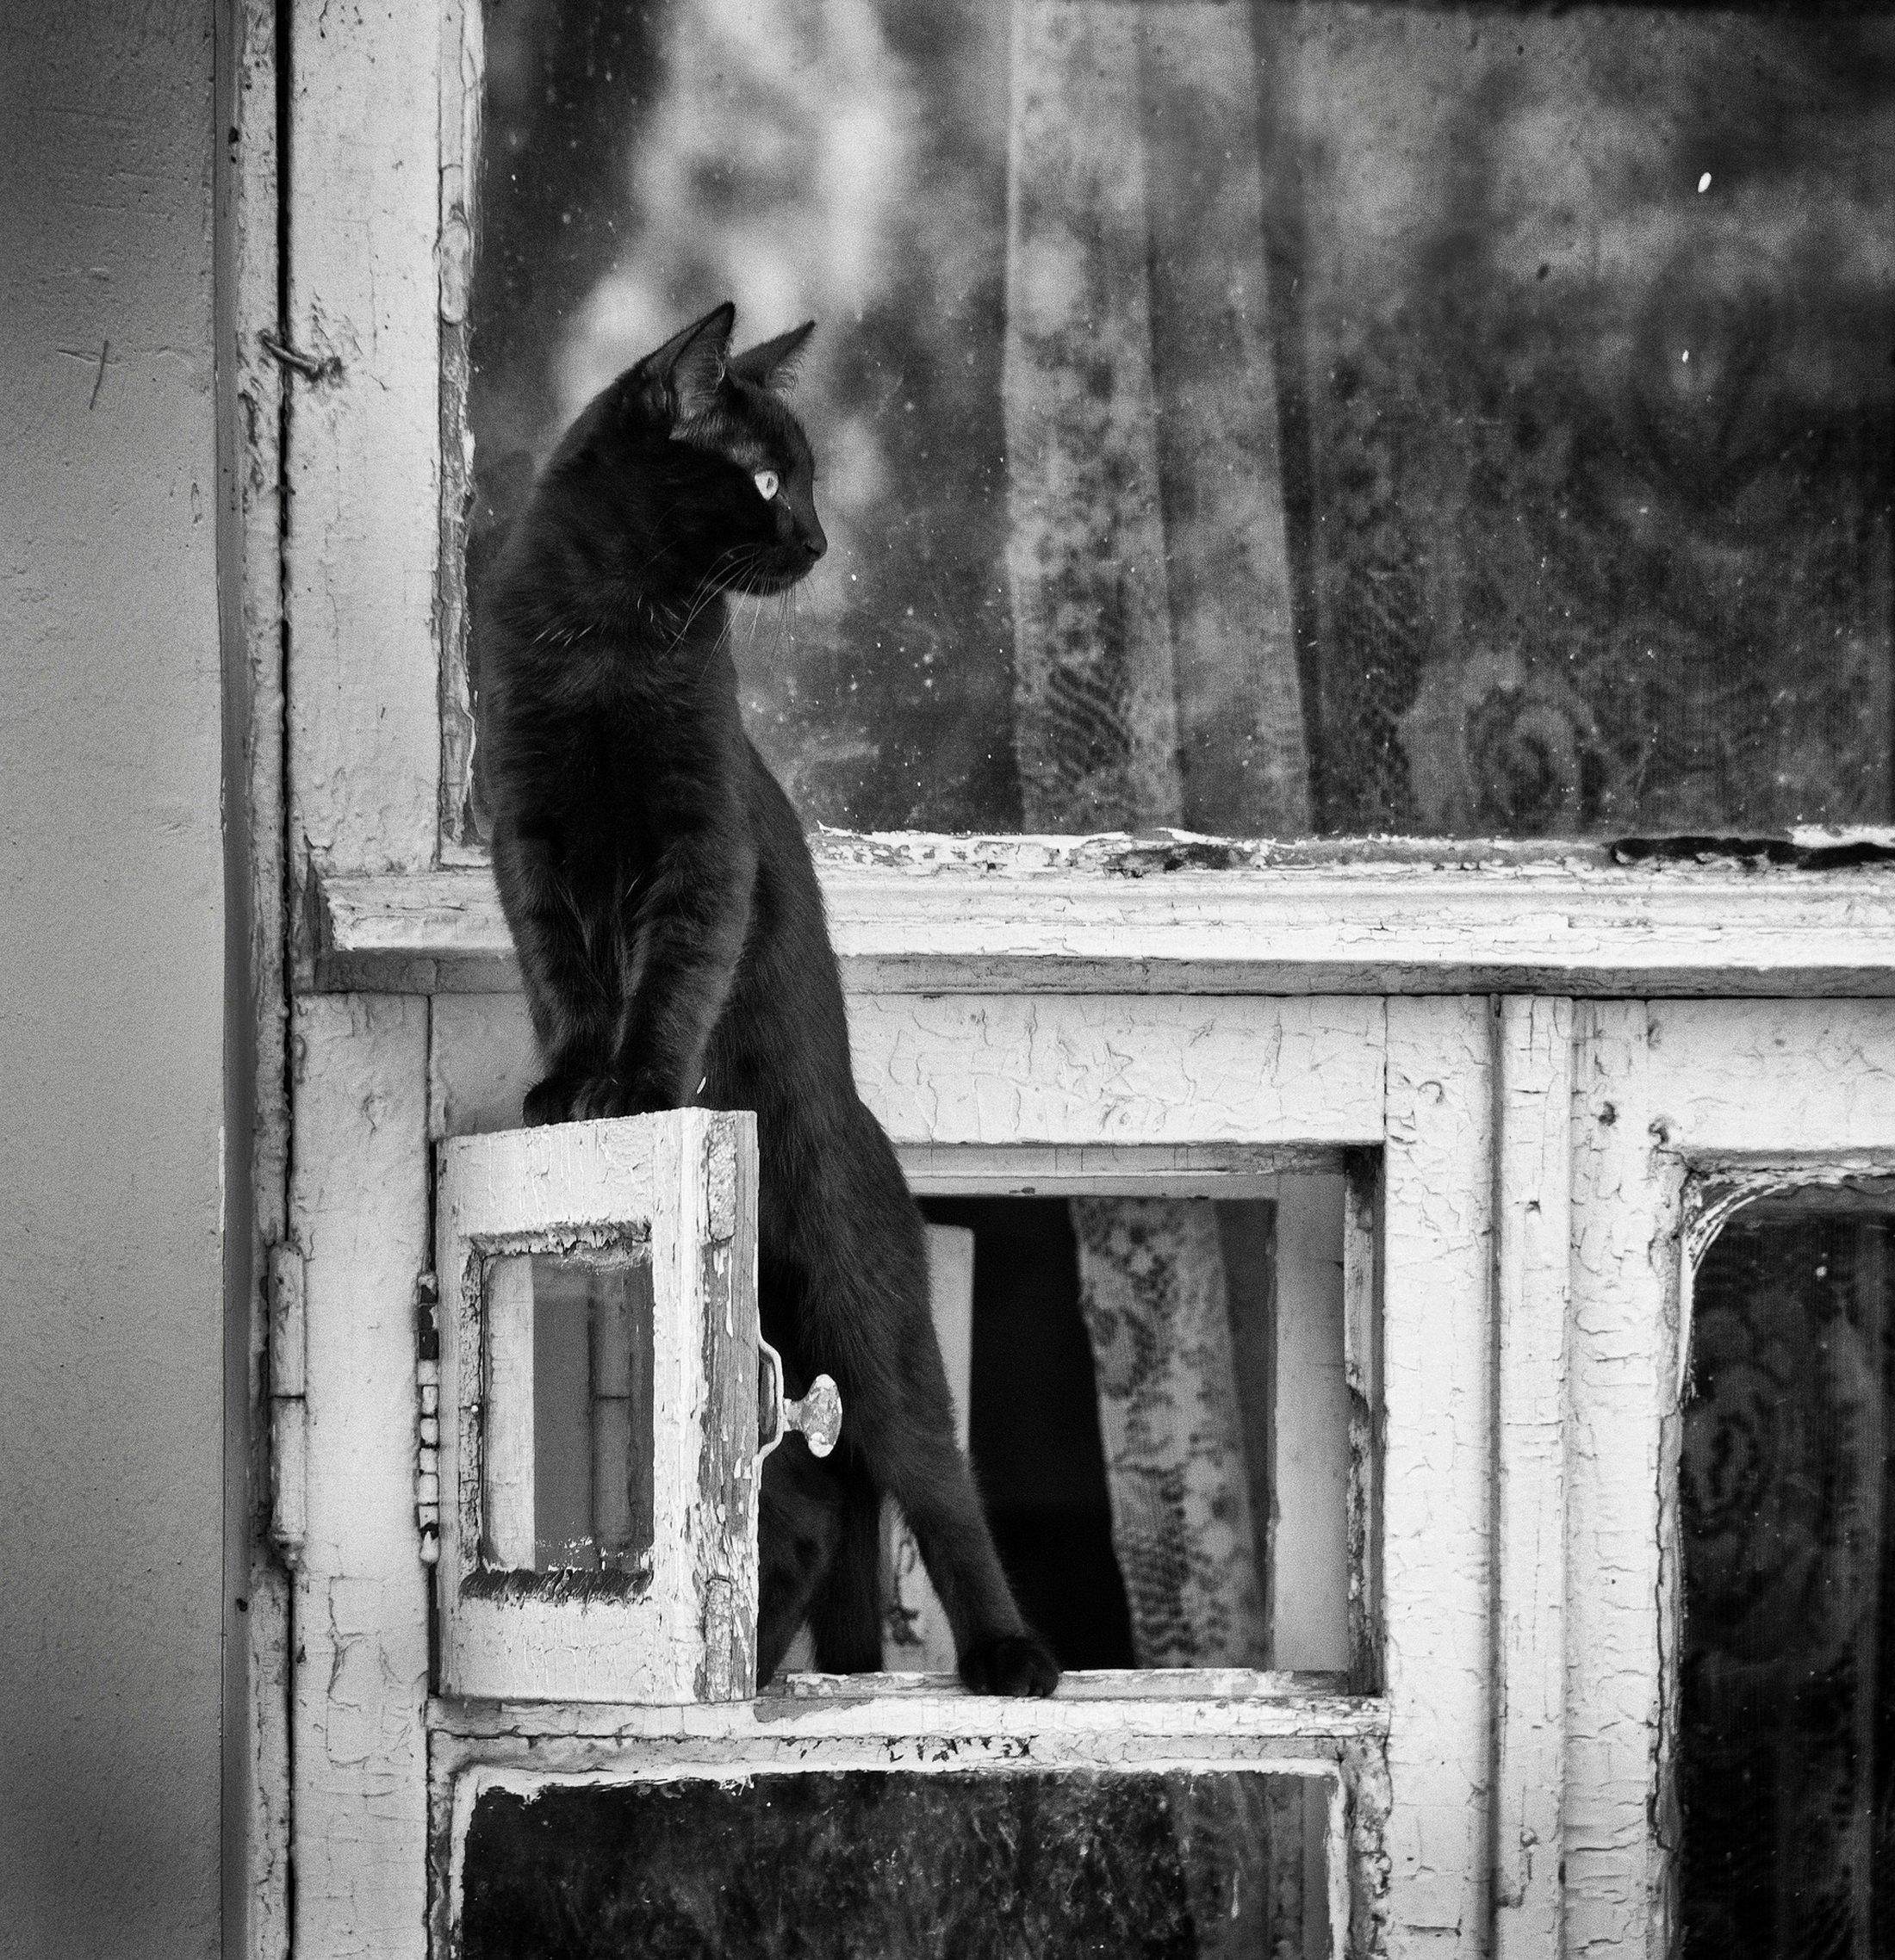 кот, форточка, домашние животные, свобода, Брагилевский Владимир